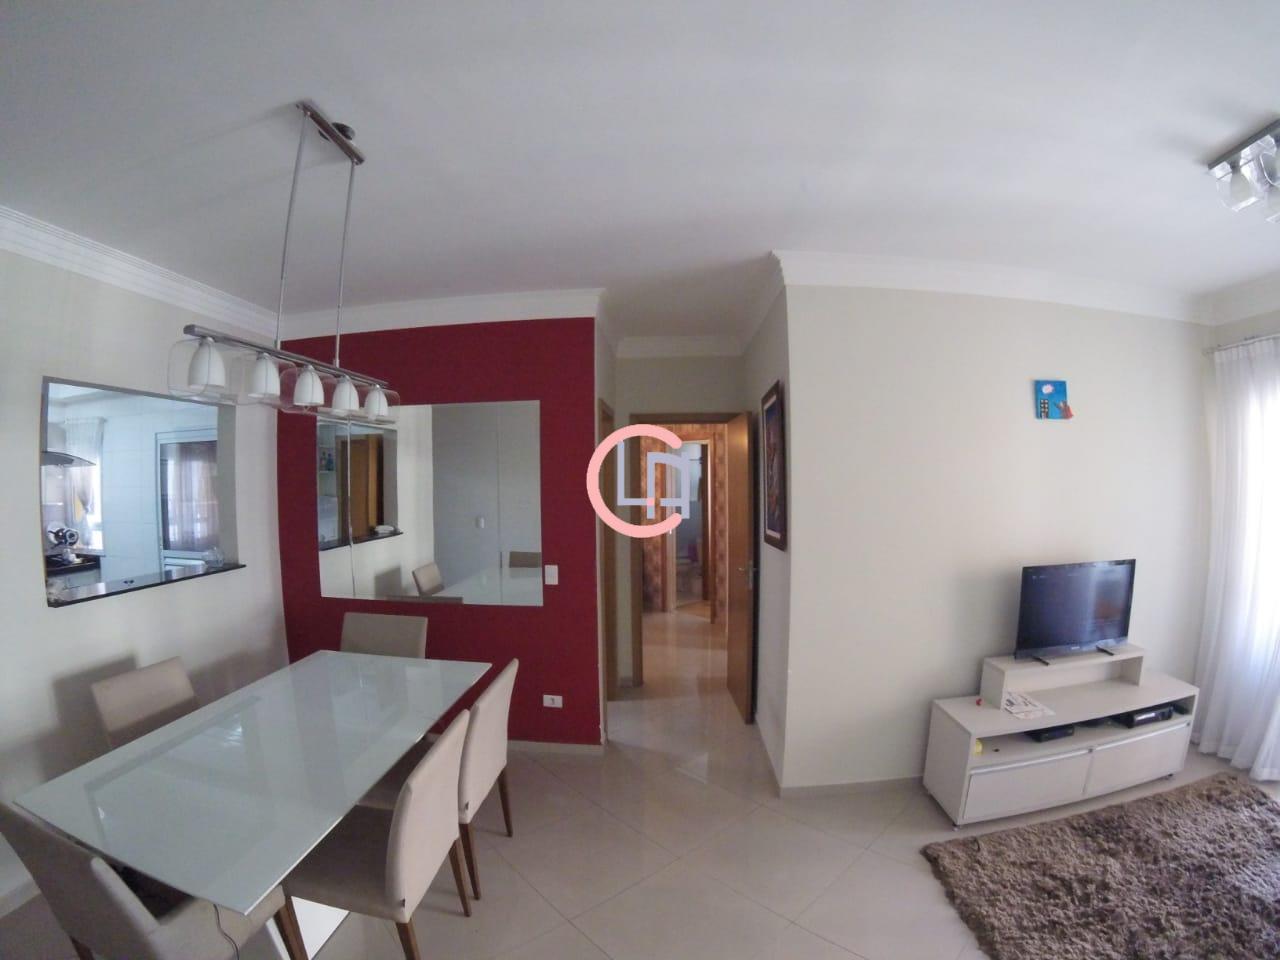 Apartamento à venda, 3 quartos, 1 suíte, 2 vagas, Centro - São Bernardo do Campo/SP